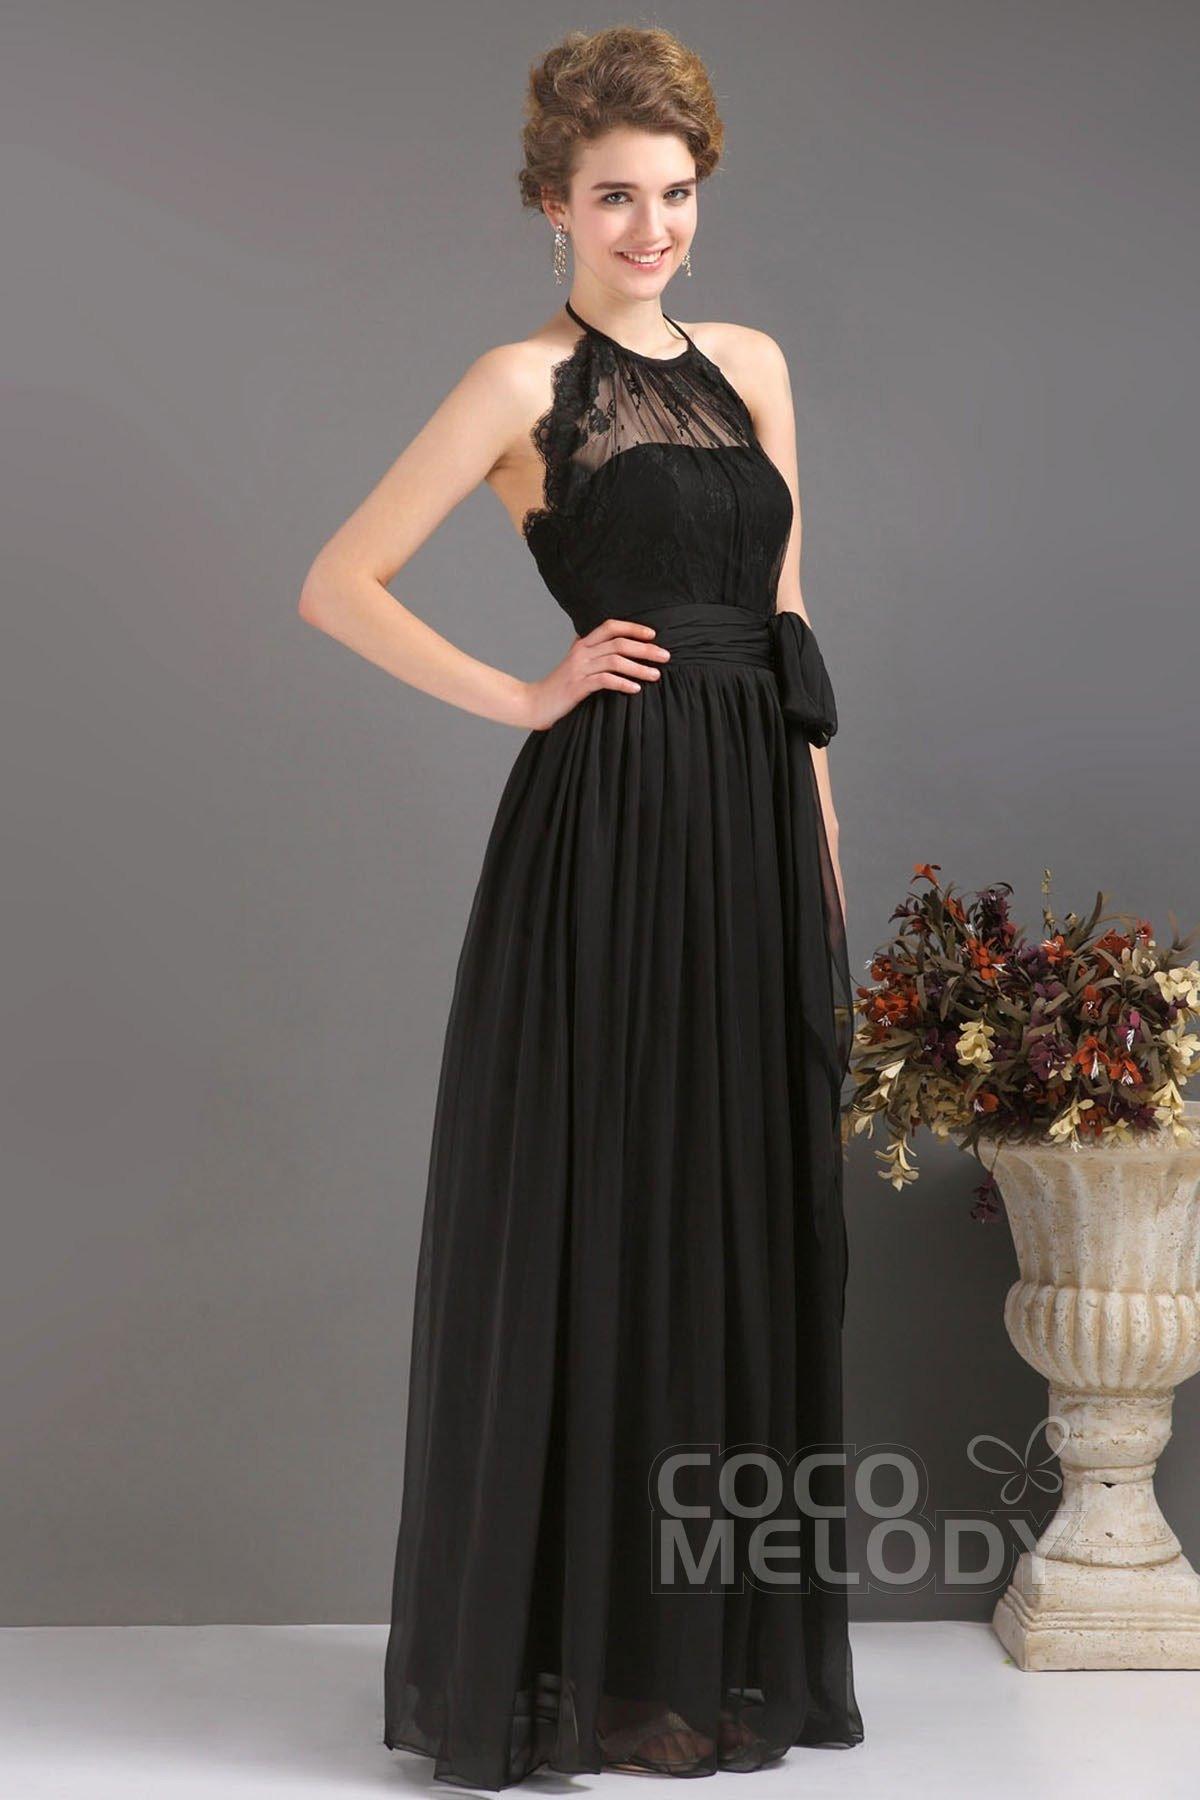 20 Spektakulär Bodenlanges Schwarzes Kleid Boutique17 Top Bodenlanges Schwarzes Kleid Boutique